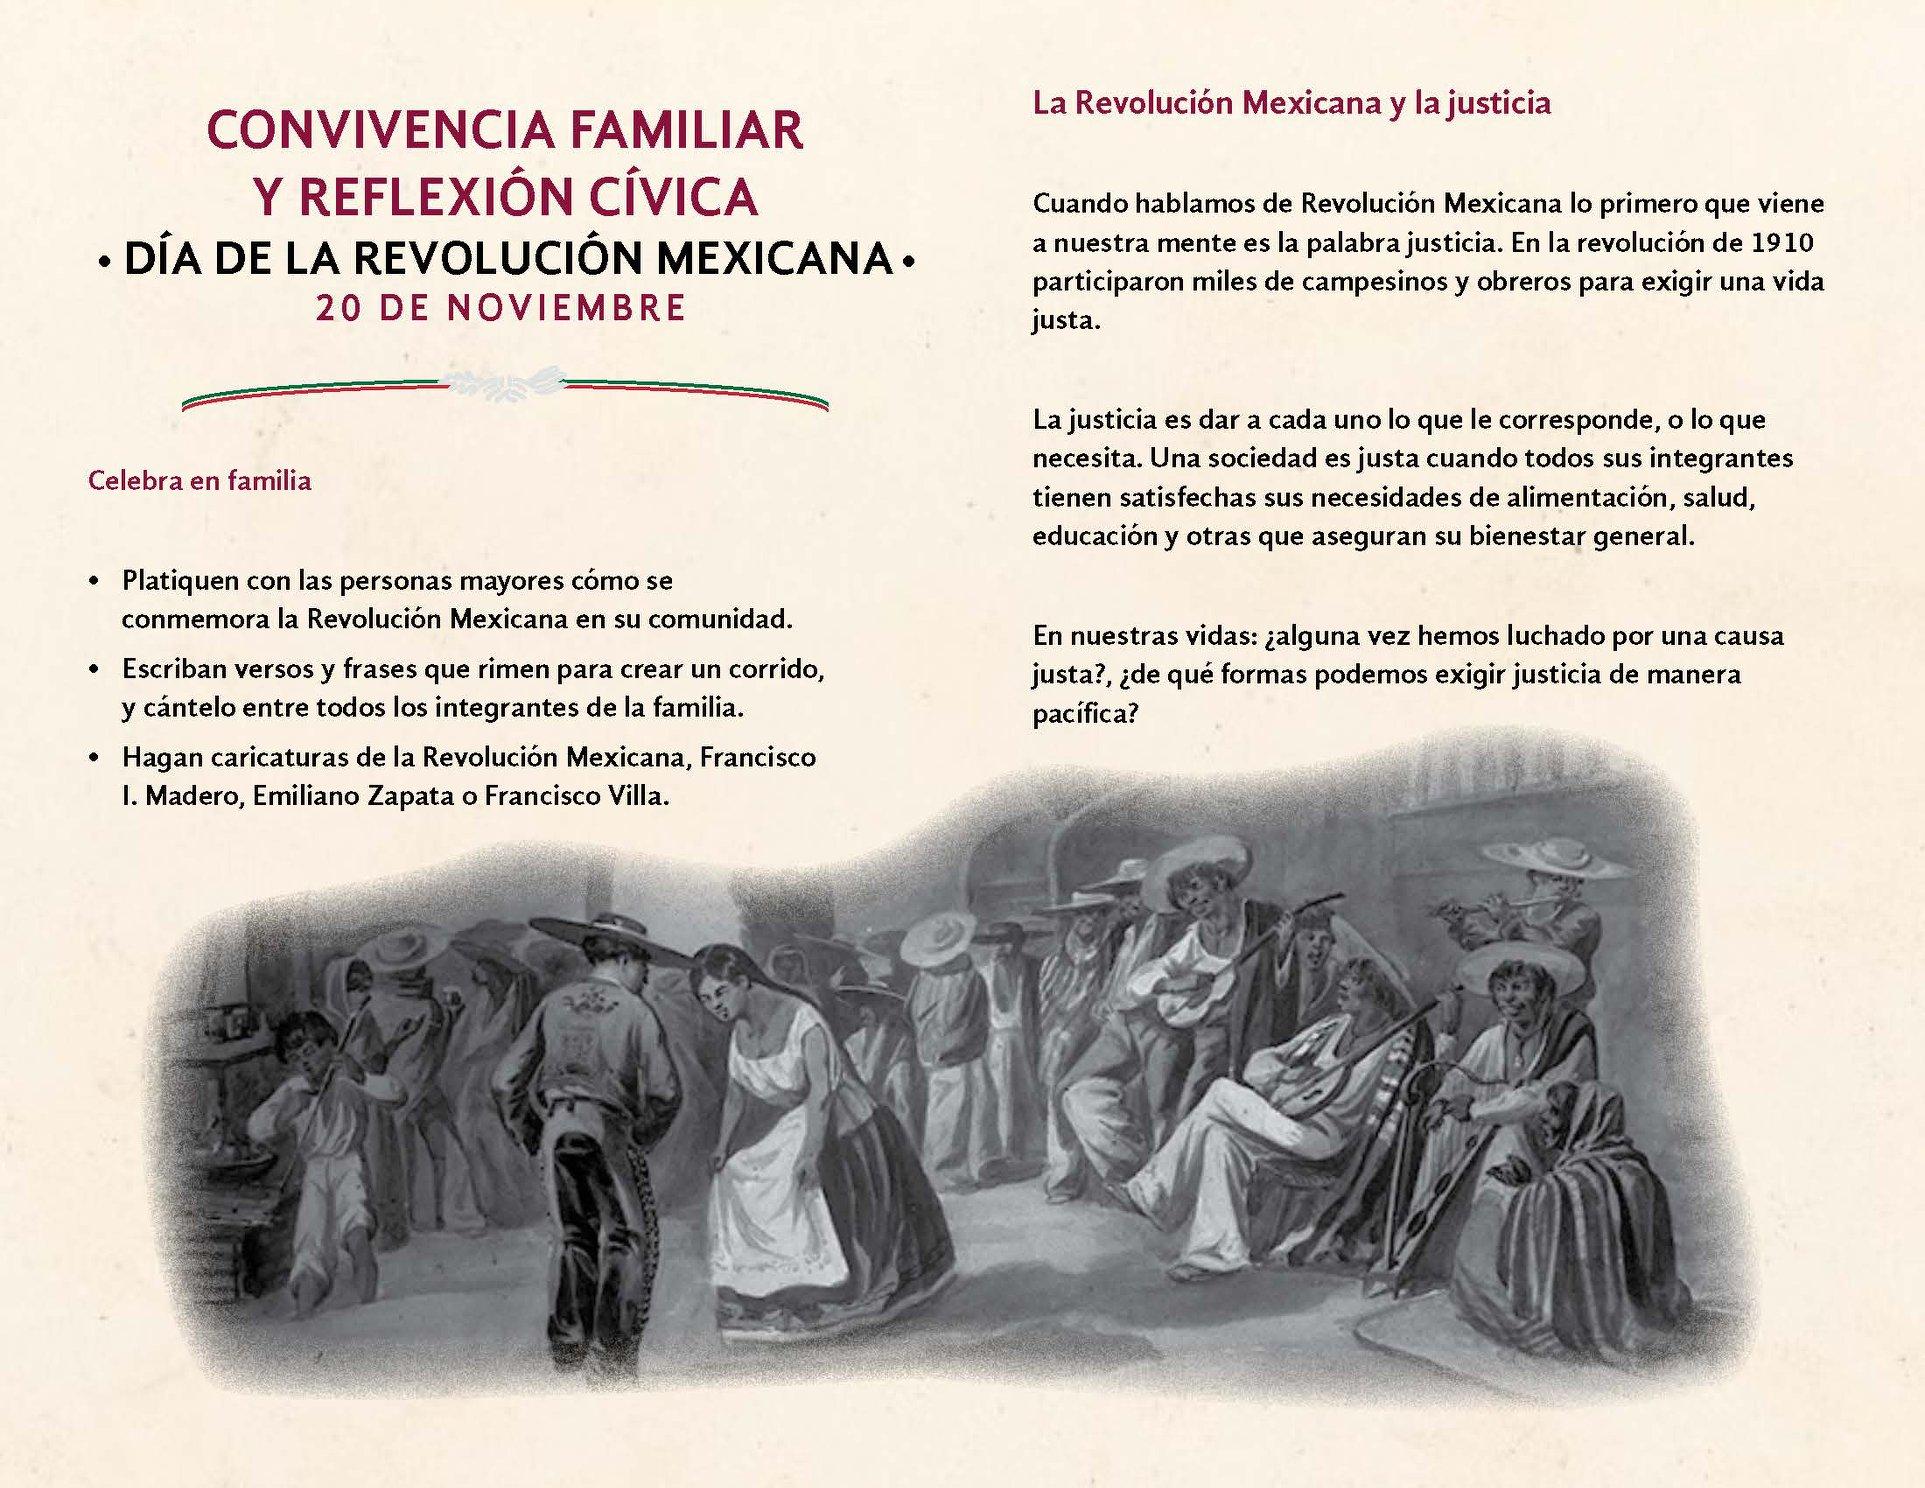 Ficha Cívica De Convivencia Familiar Y Reflexión Cívica Para